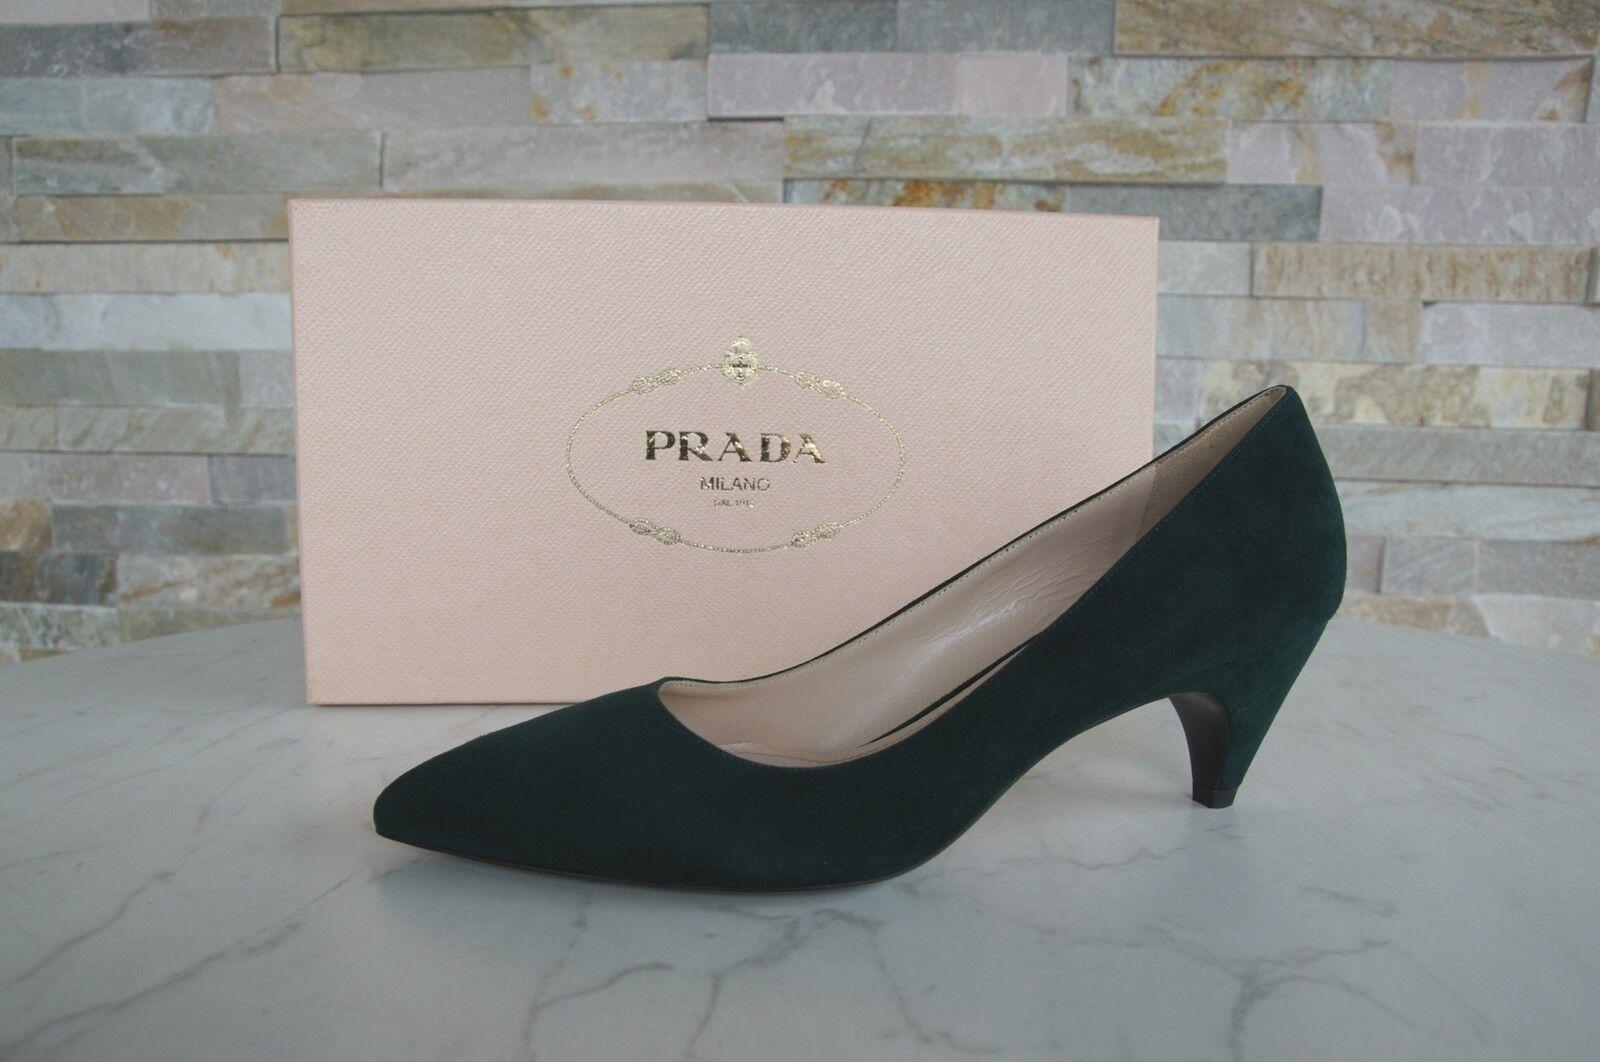 PRADA T 37 escarpins chaussures 1i064f flaschenvert bottiglia Vert Nouveau Ancien Prix Recommandé